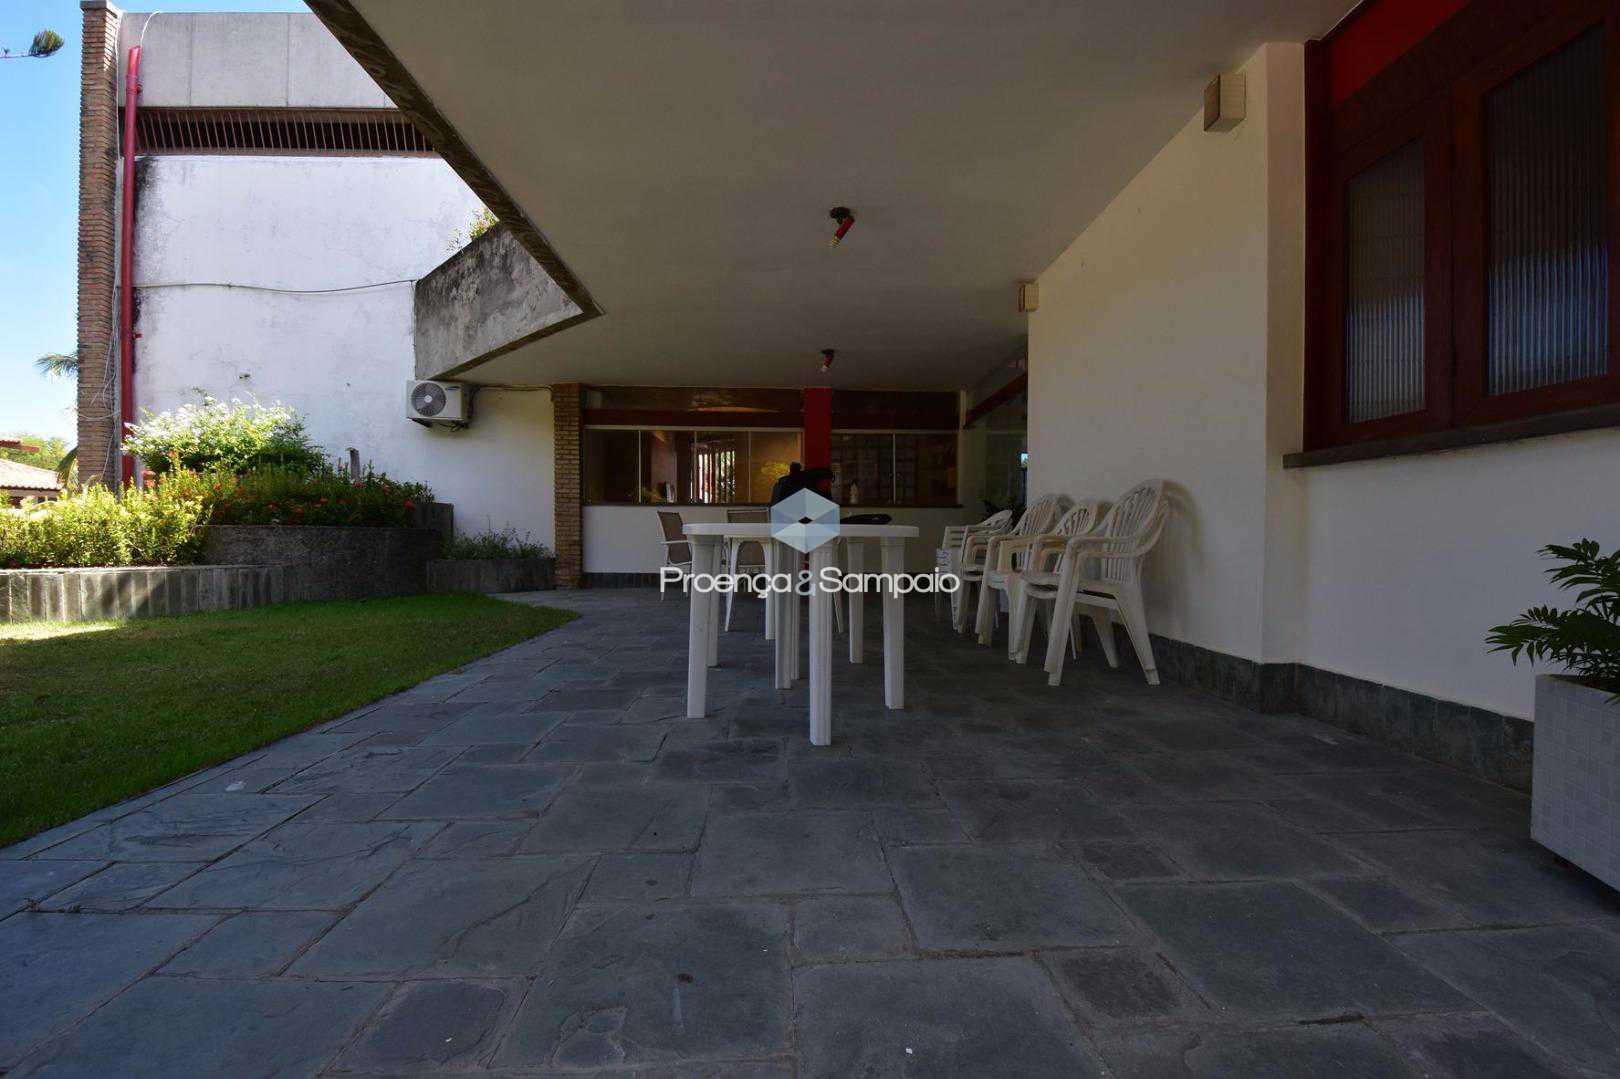 FOTO15 - Casa em Condomínio 4 quartos à venda Lauro de Freitas,BA - R$ 1.700.000 - PSCN40016 - 17